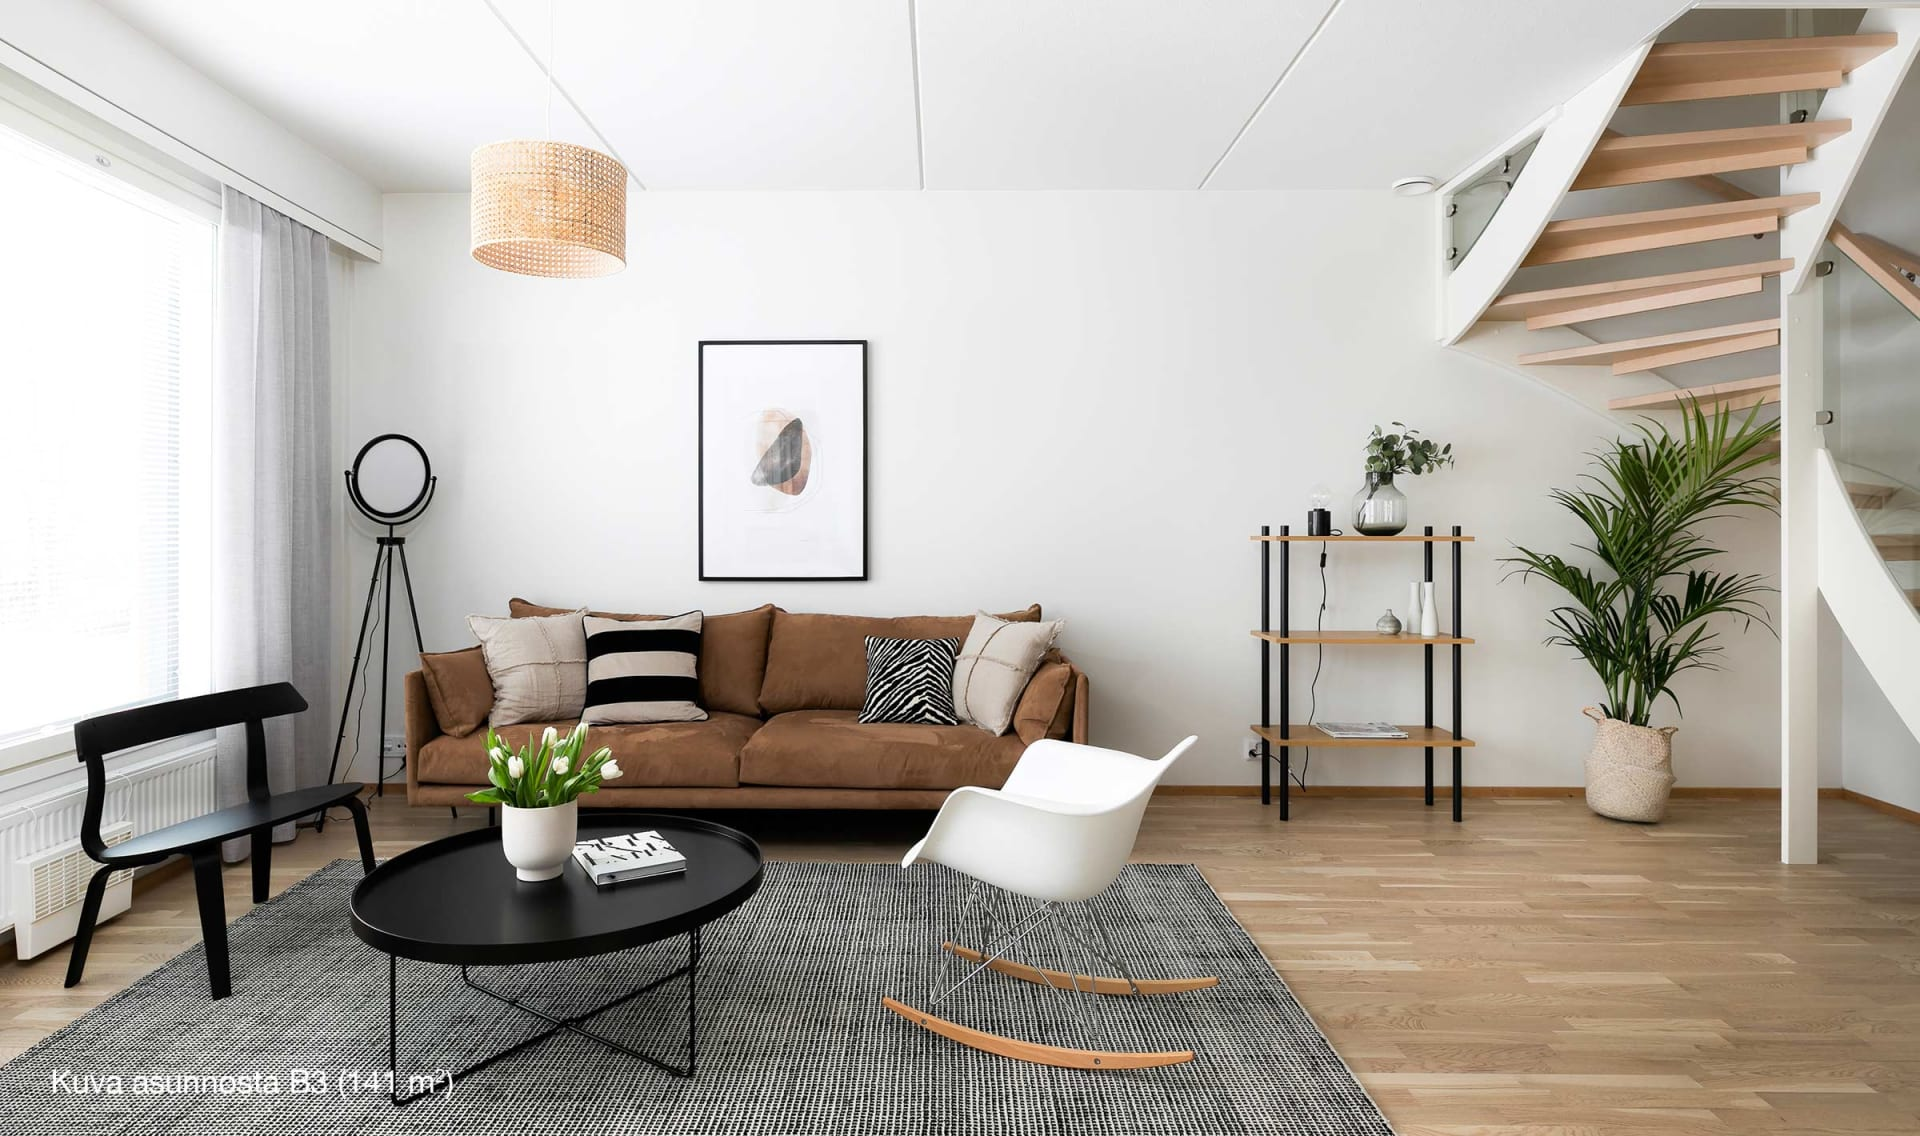 Helsingin Sahramirinne, 5h+kt+s, 141 m2